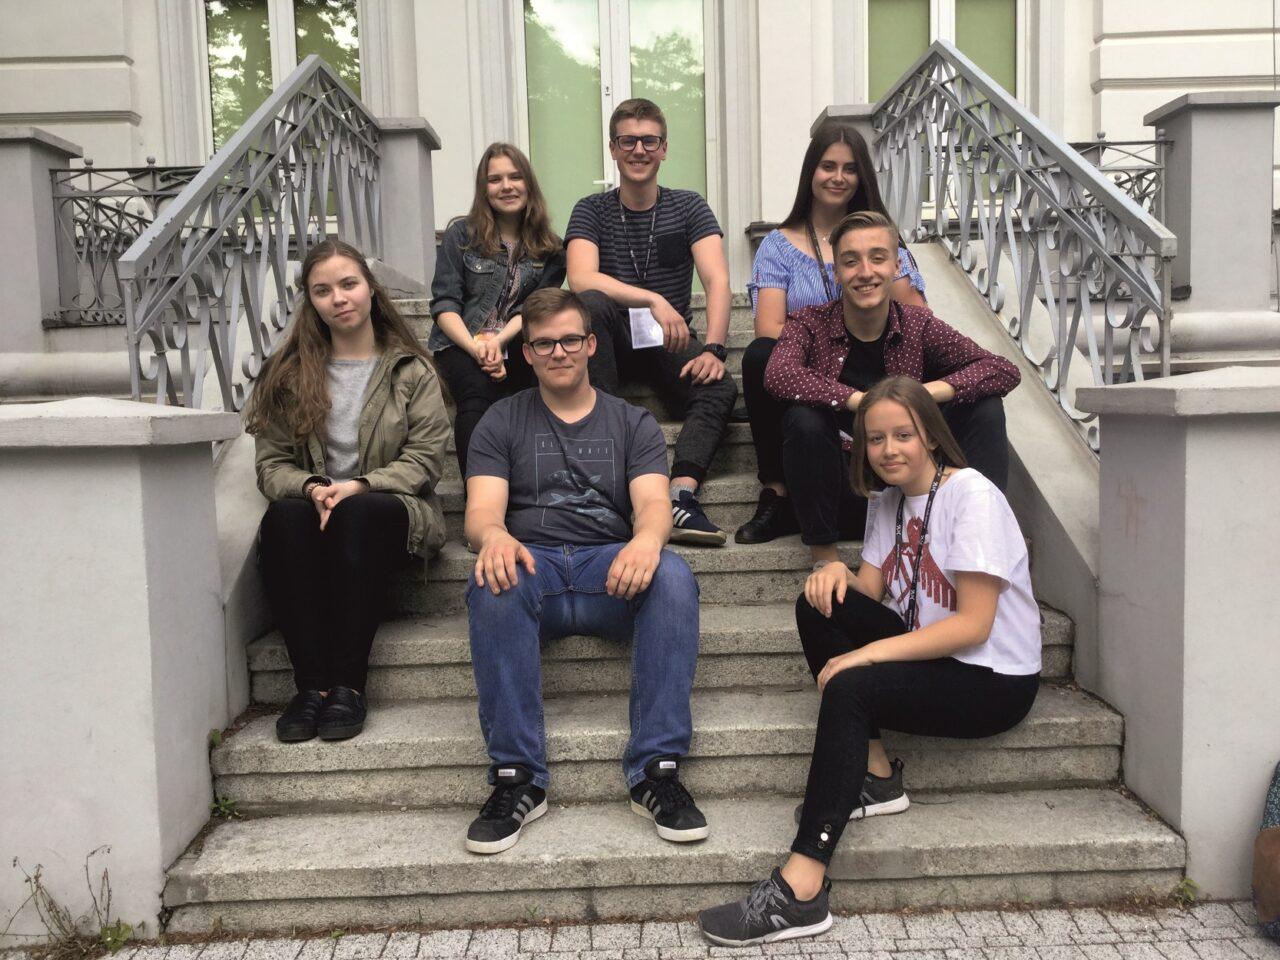 Studio Piosenki La Chanson i EMDEK- Band z MDK Świdnica z występami na Gali Ogólnopolskich Spotkań Artystycznych Opole Artis.